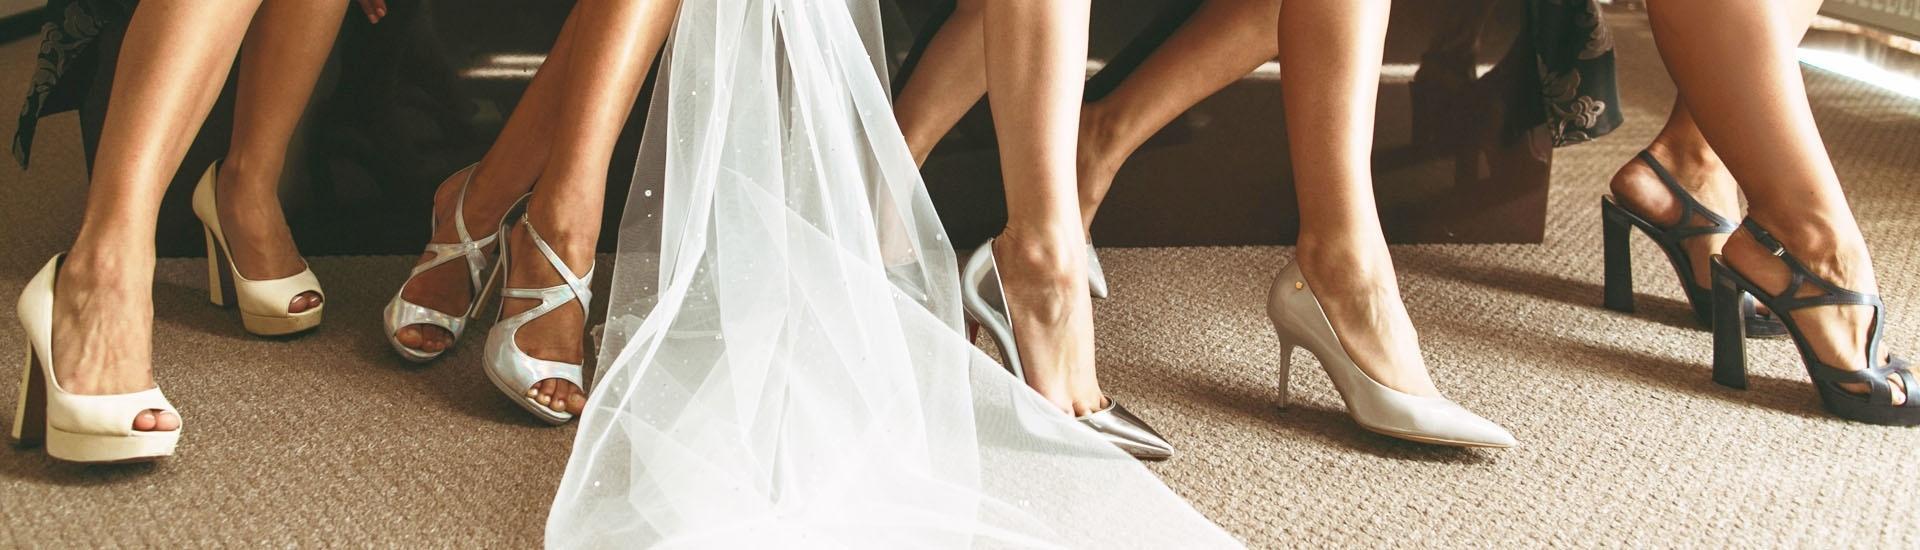 Scarpe Da Sposa Como.Scarpe Da Cerimonia Como Dea Spose Atelier Abiti Da Sposa